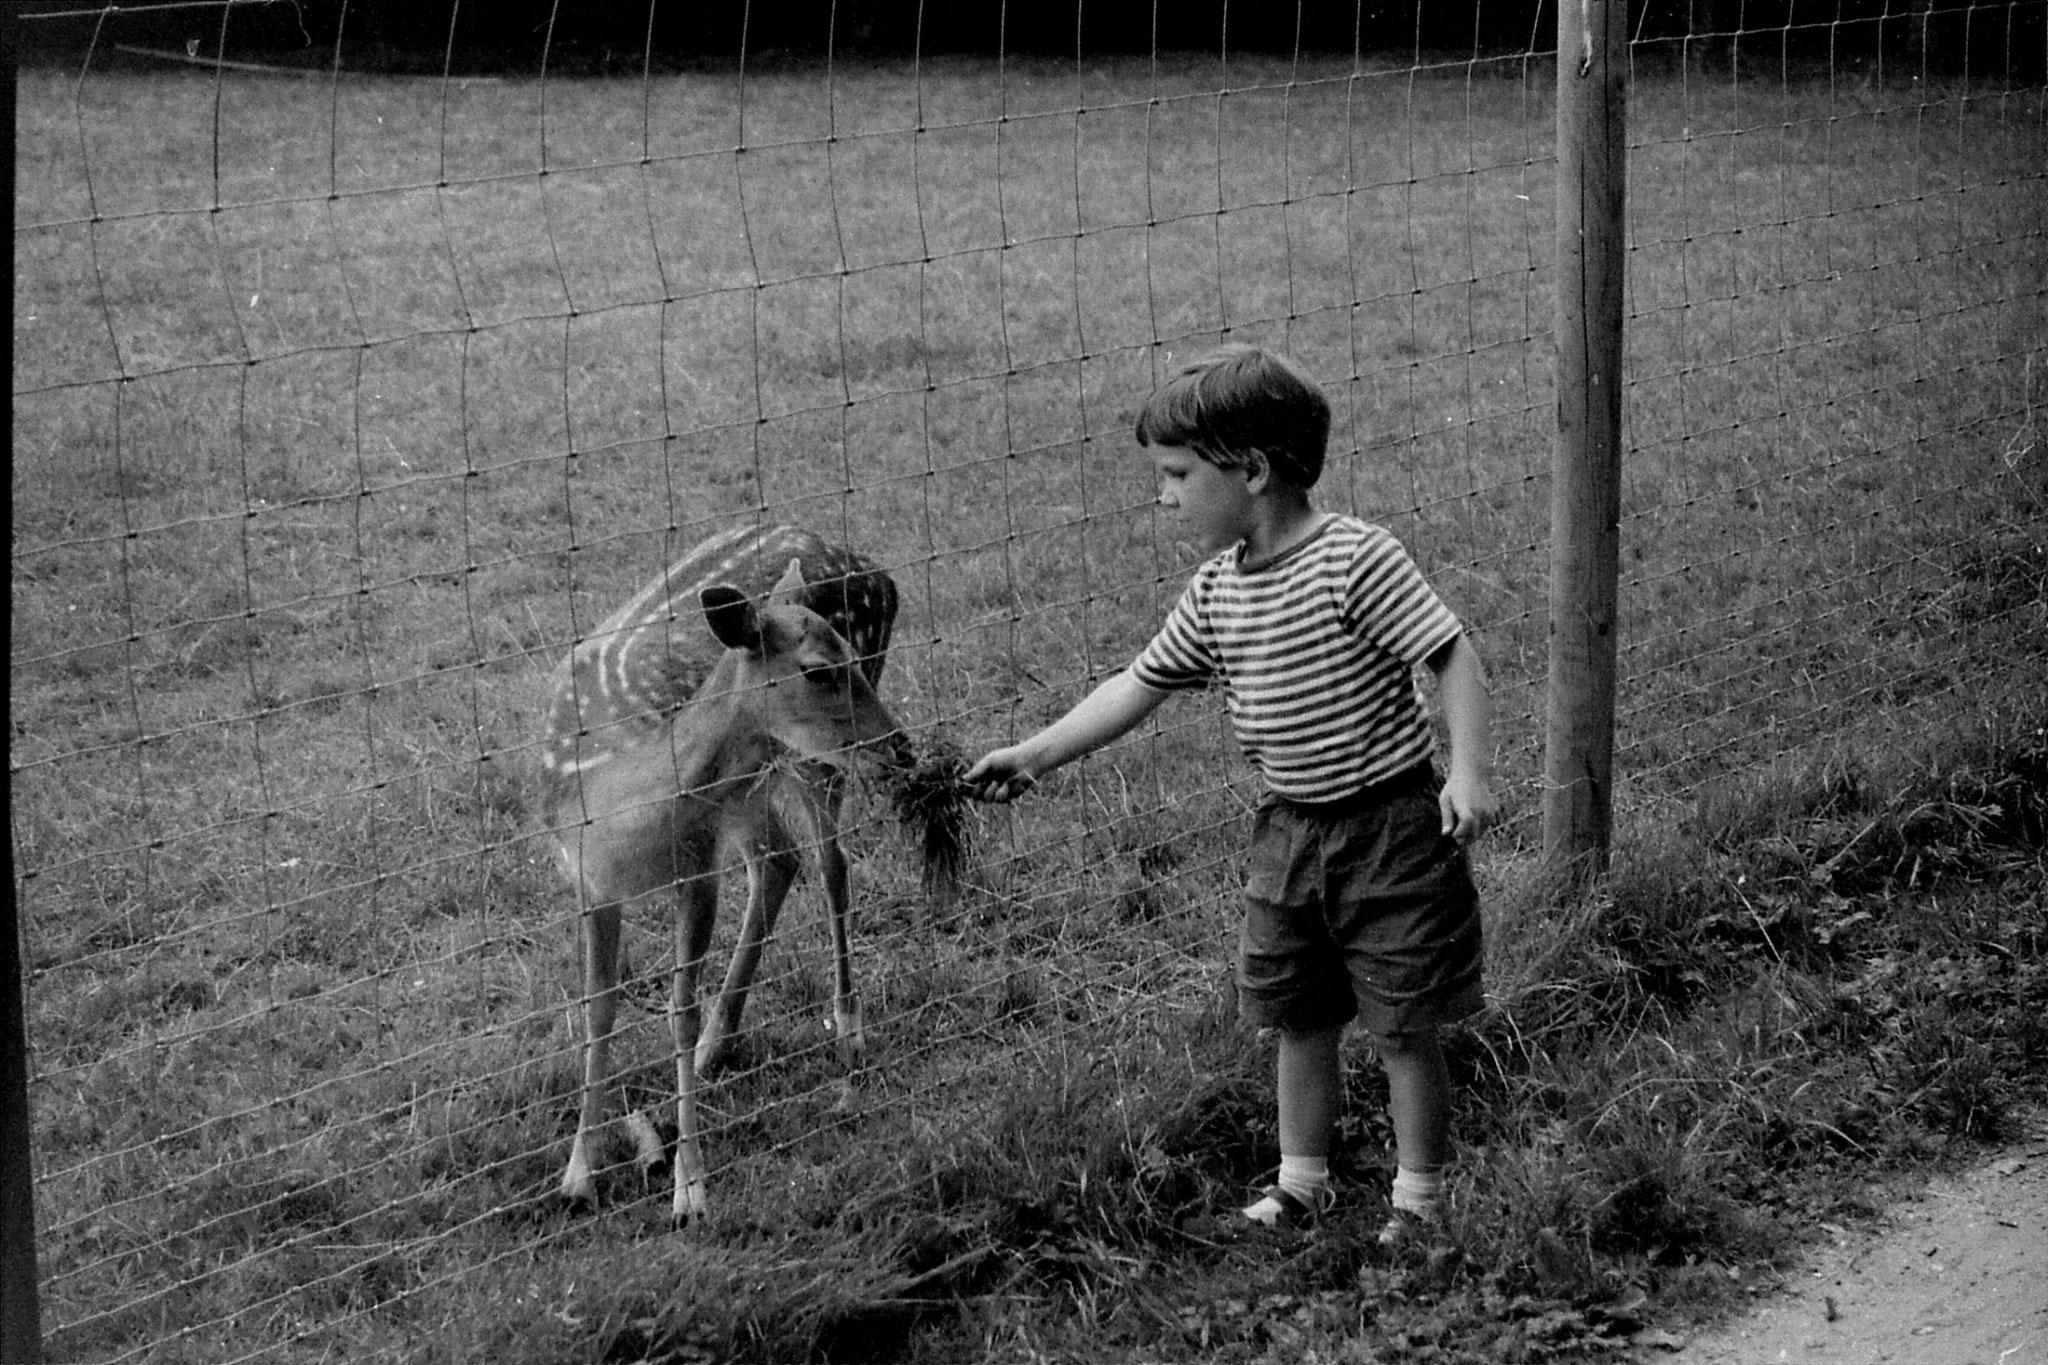 16/8/88: 28: Bonn Forest Deer Park